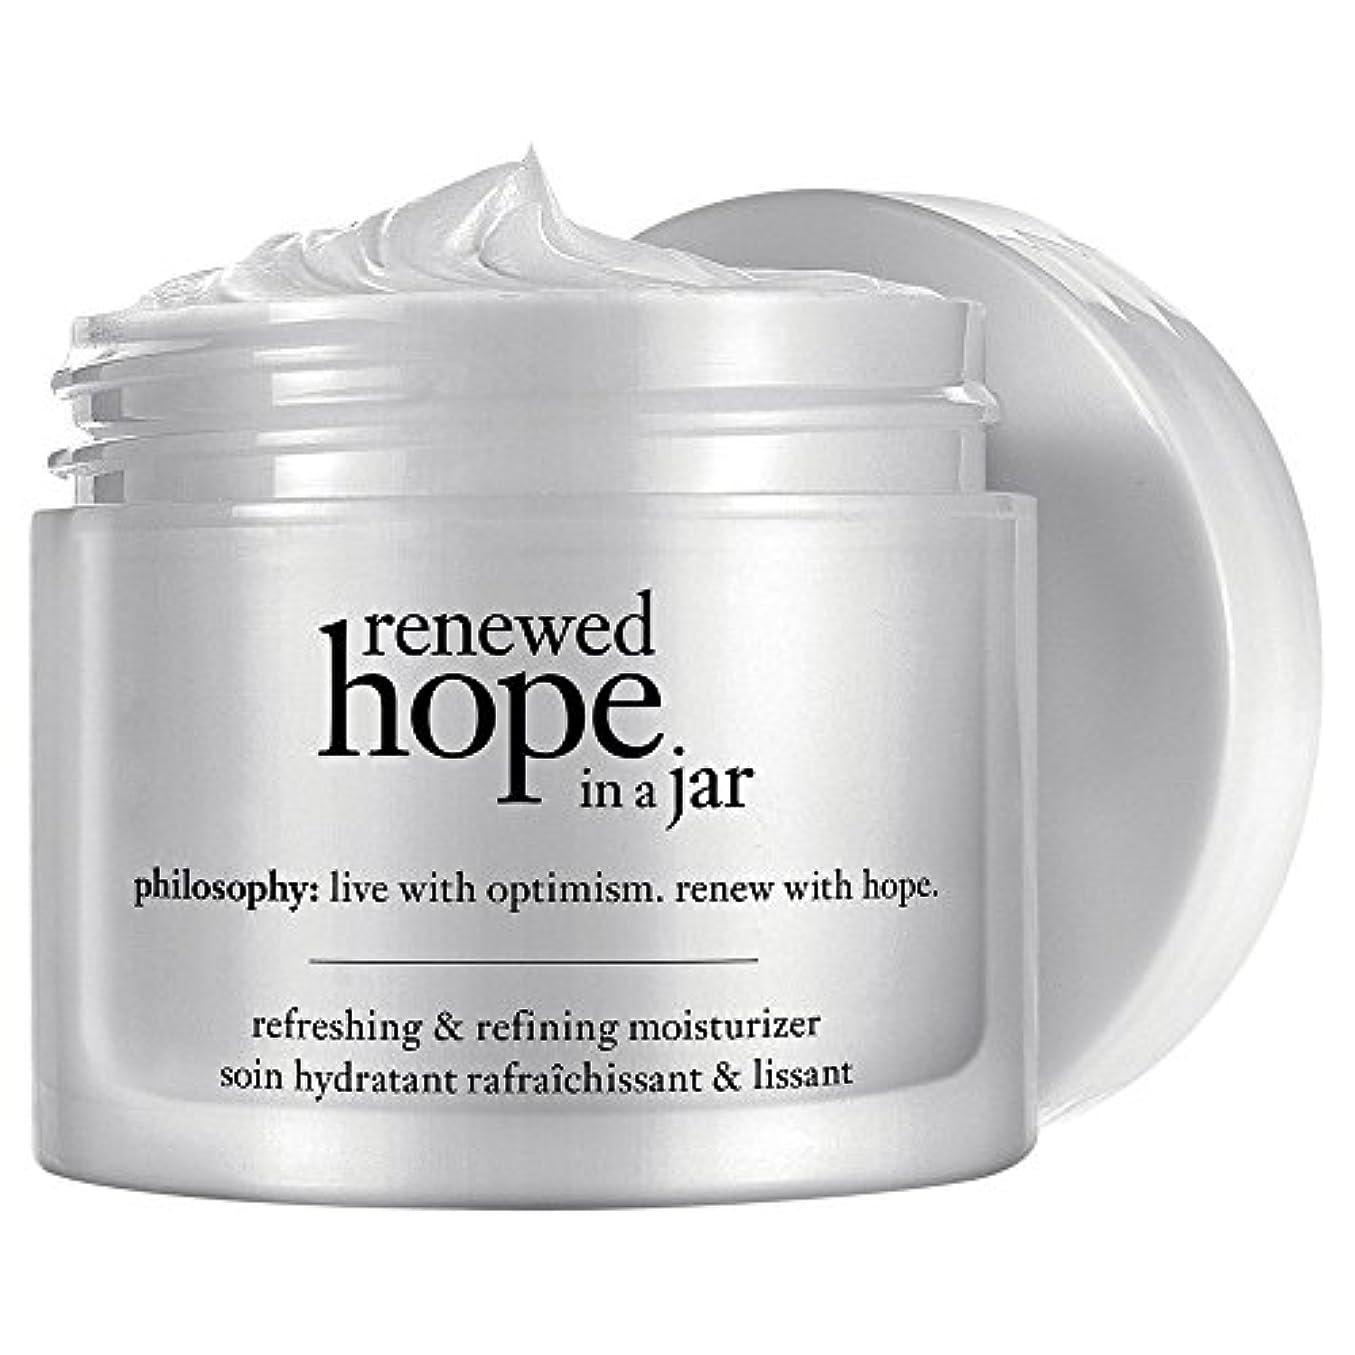 作り麦芽テクスチャー瓶内の哲学新たな希望を、60ミリリットル (Philosophy) (x6) - Philosophy Renewed Hope In a Jar, 60ml (Pack of 6) [並行輸入品]